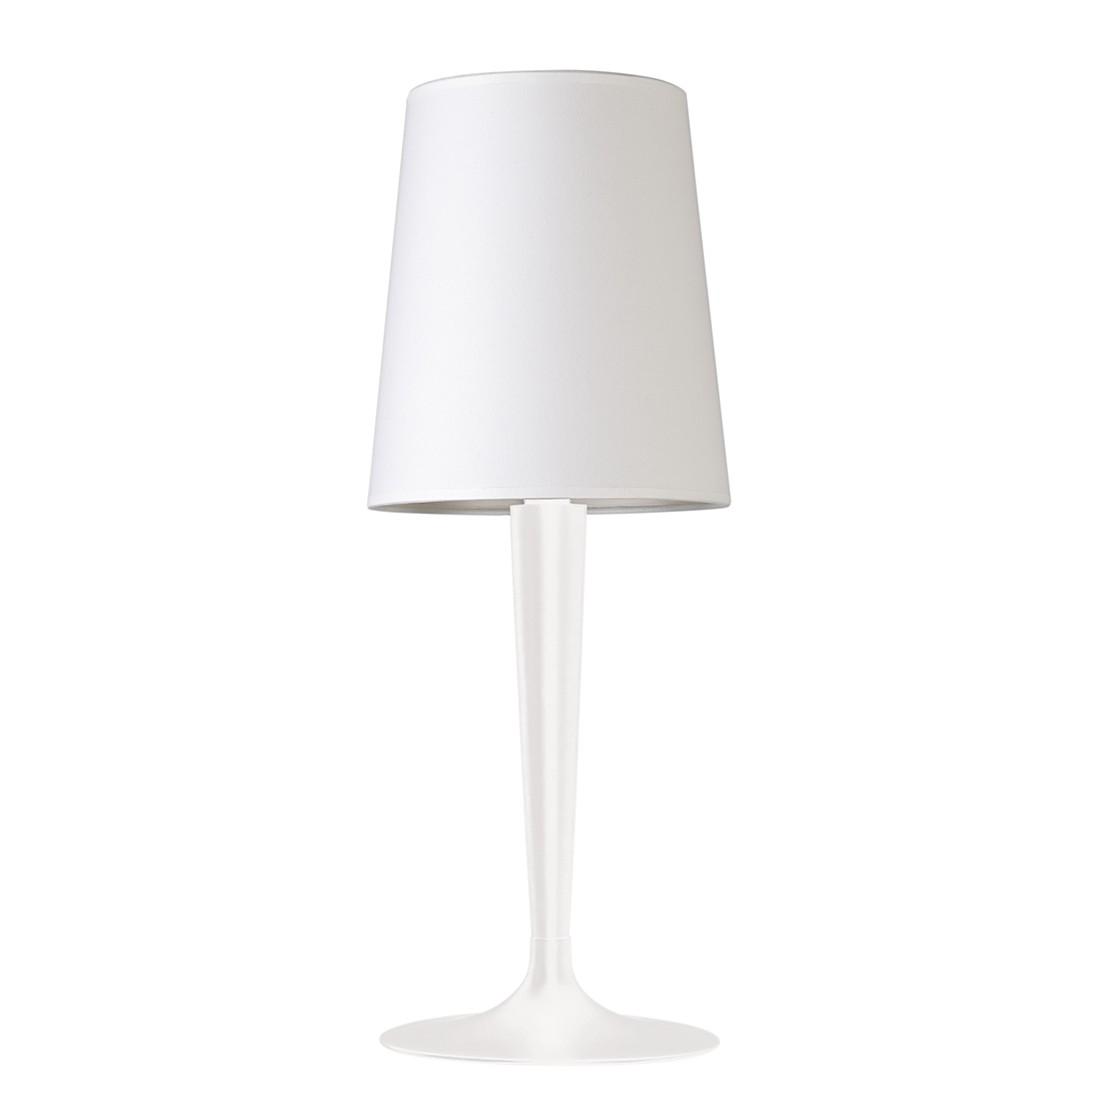 EEK A++, Lampe de table Paris - Blanc - 1 ampoule, Villeroy und Boch